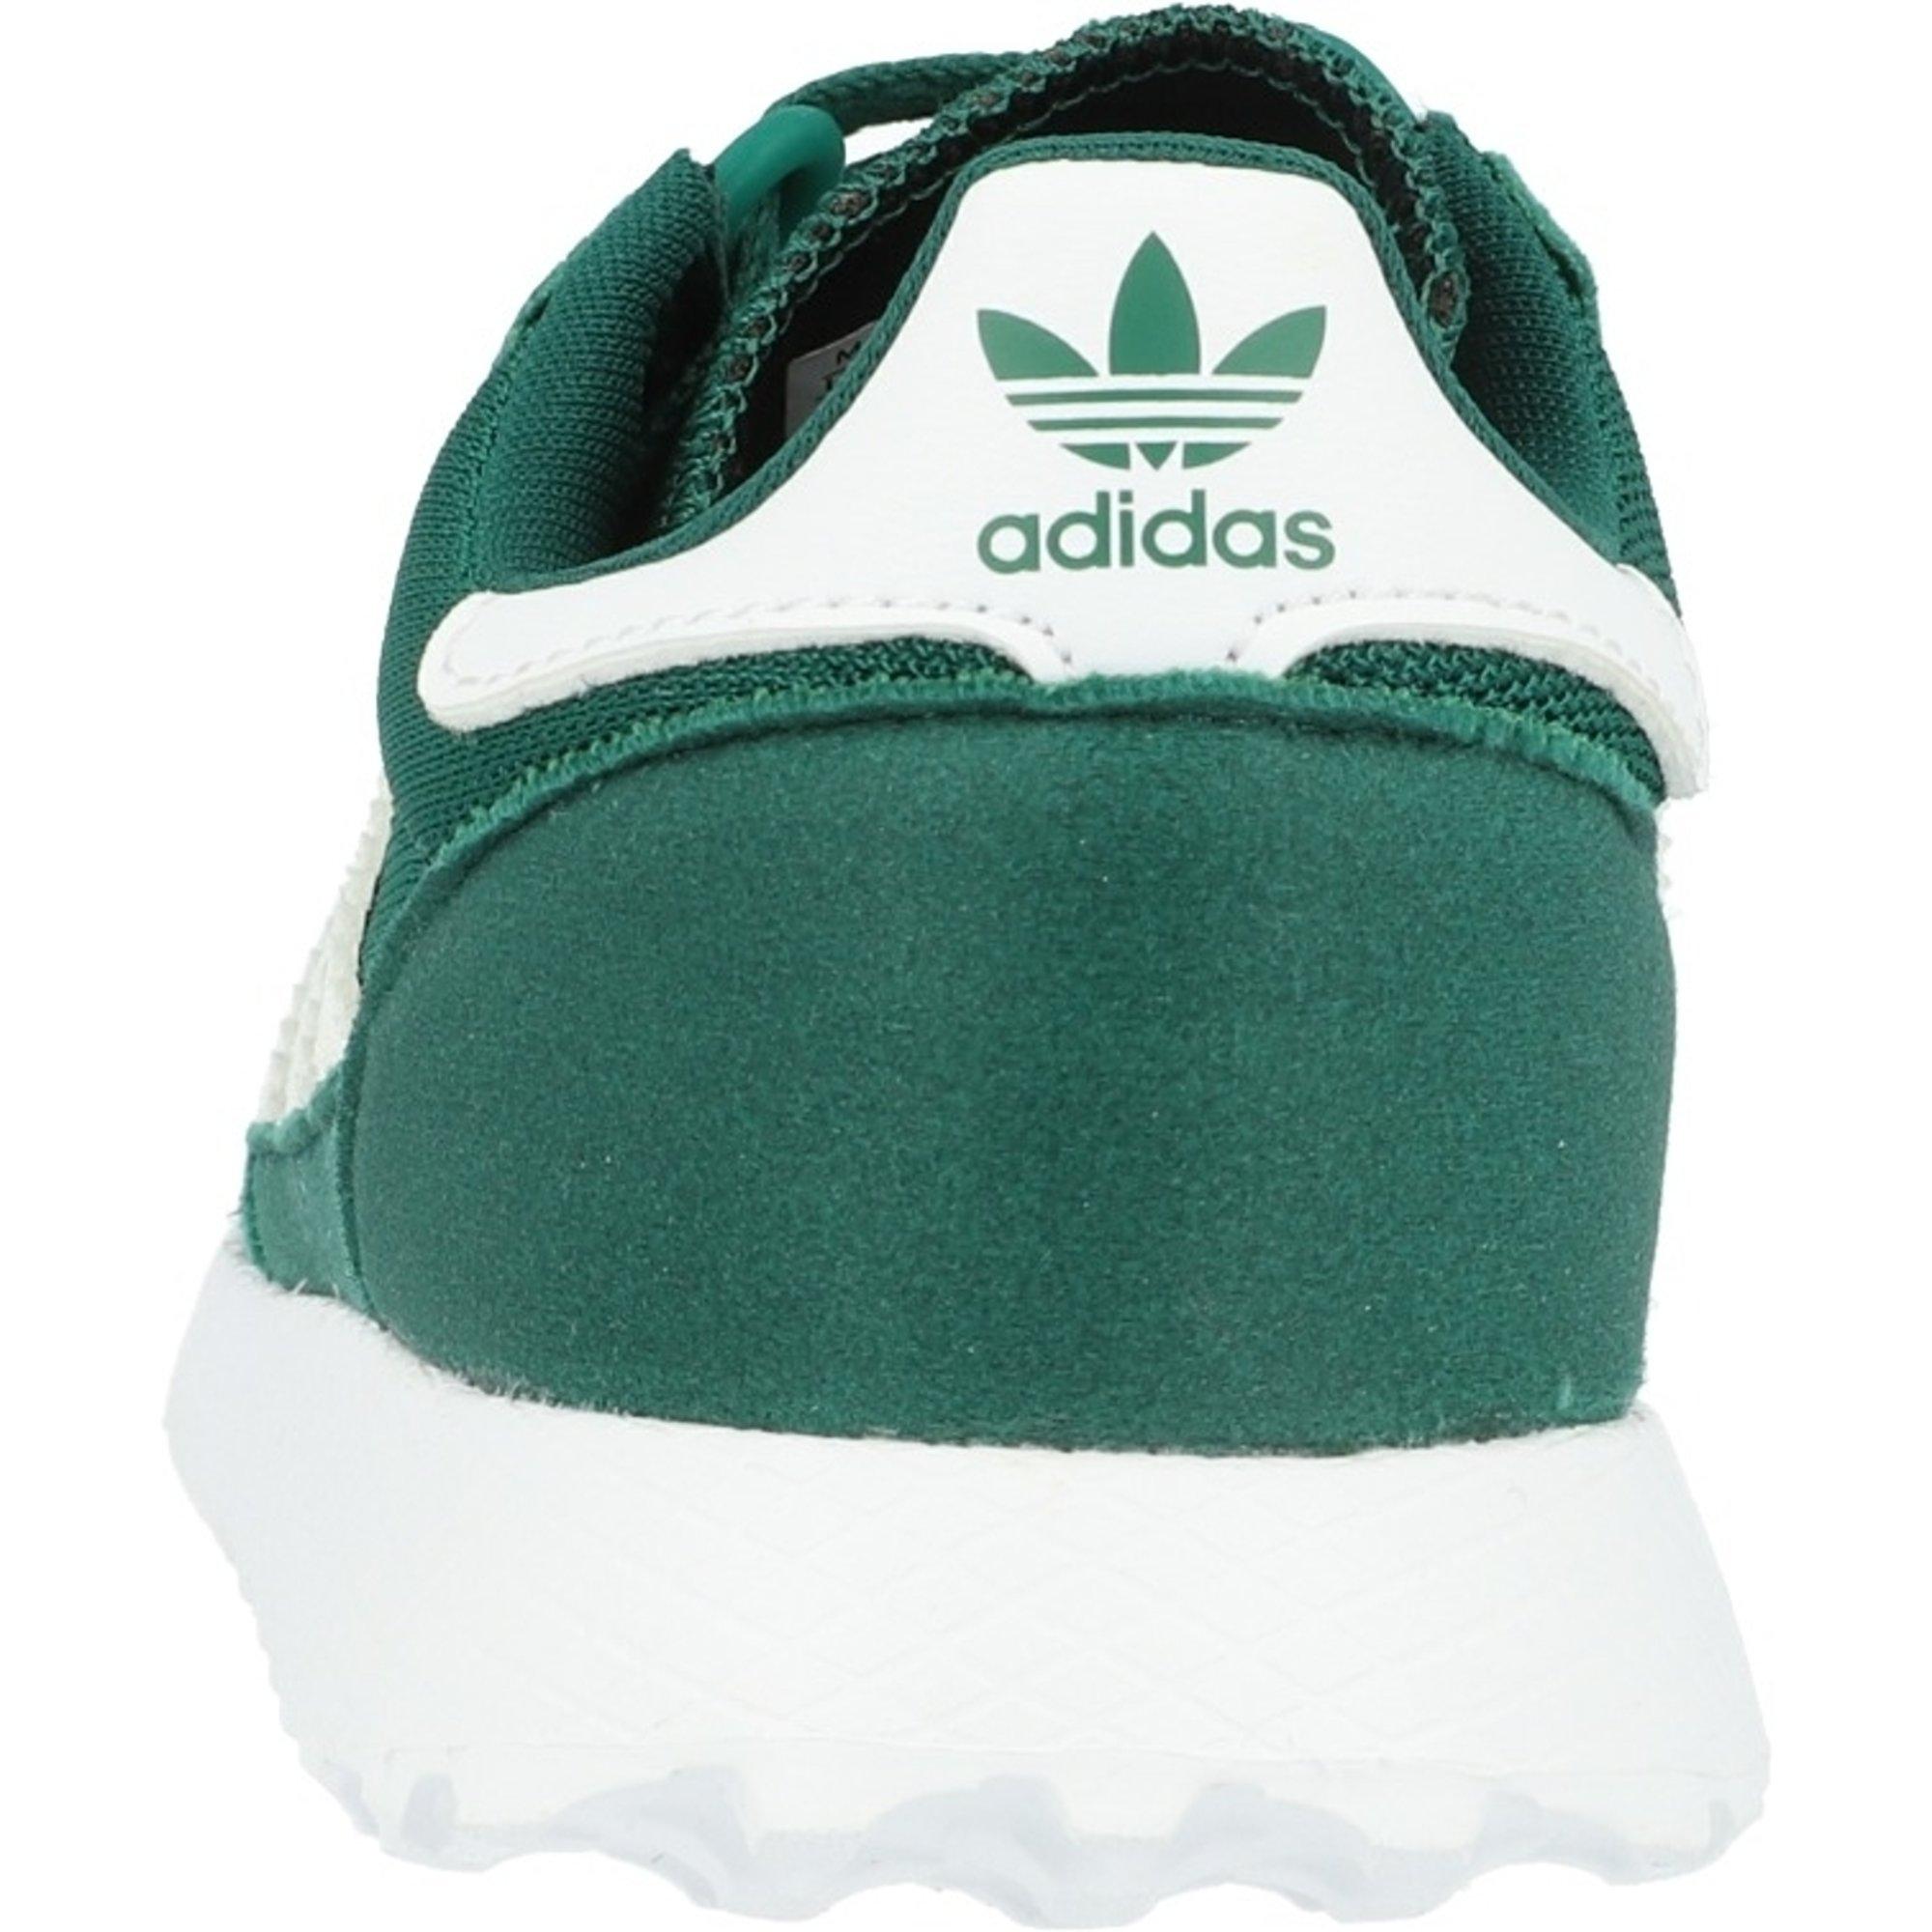 ADIDAS Originals – Sneaker 'Forest Grove' aus Veloursleder und Mesh – Rot